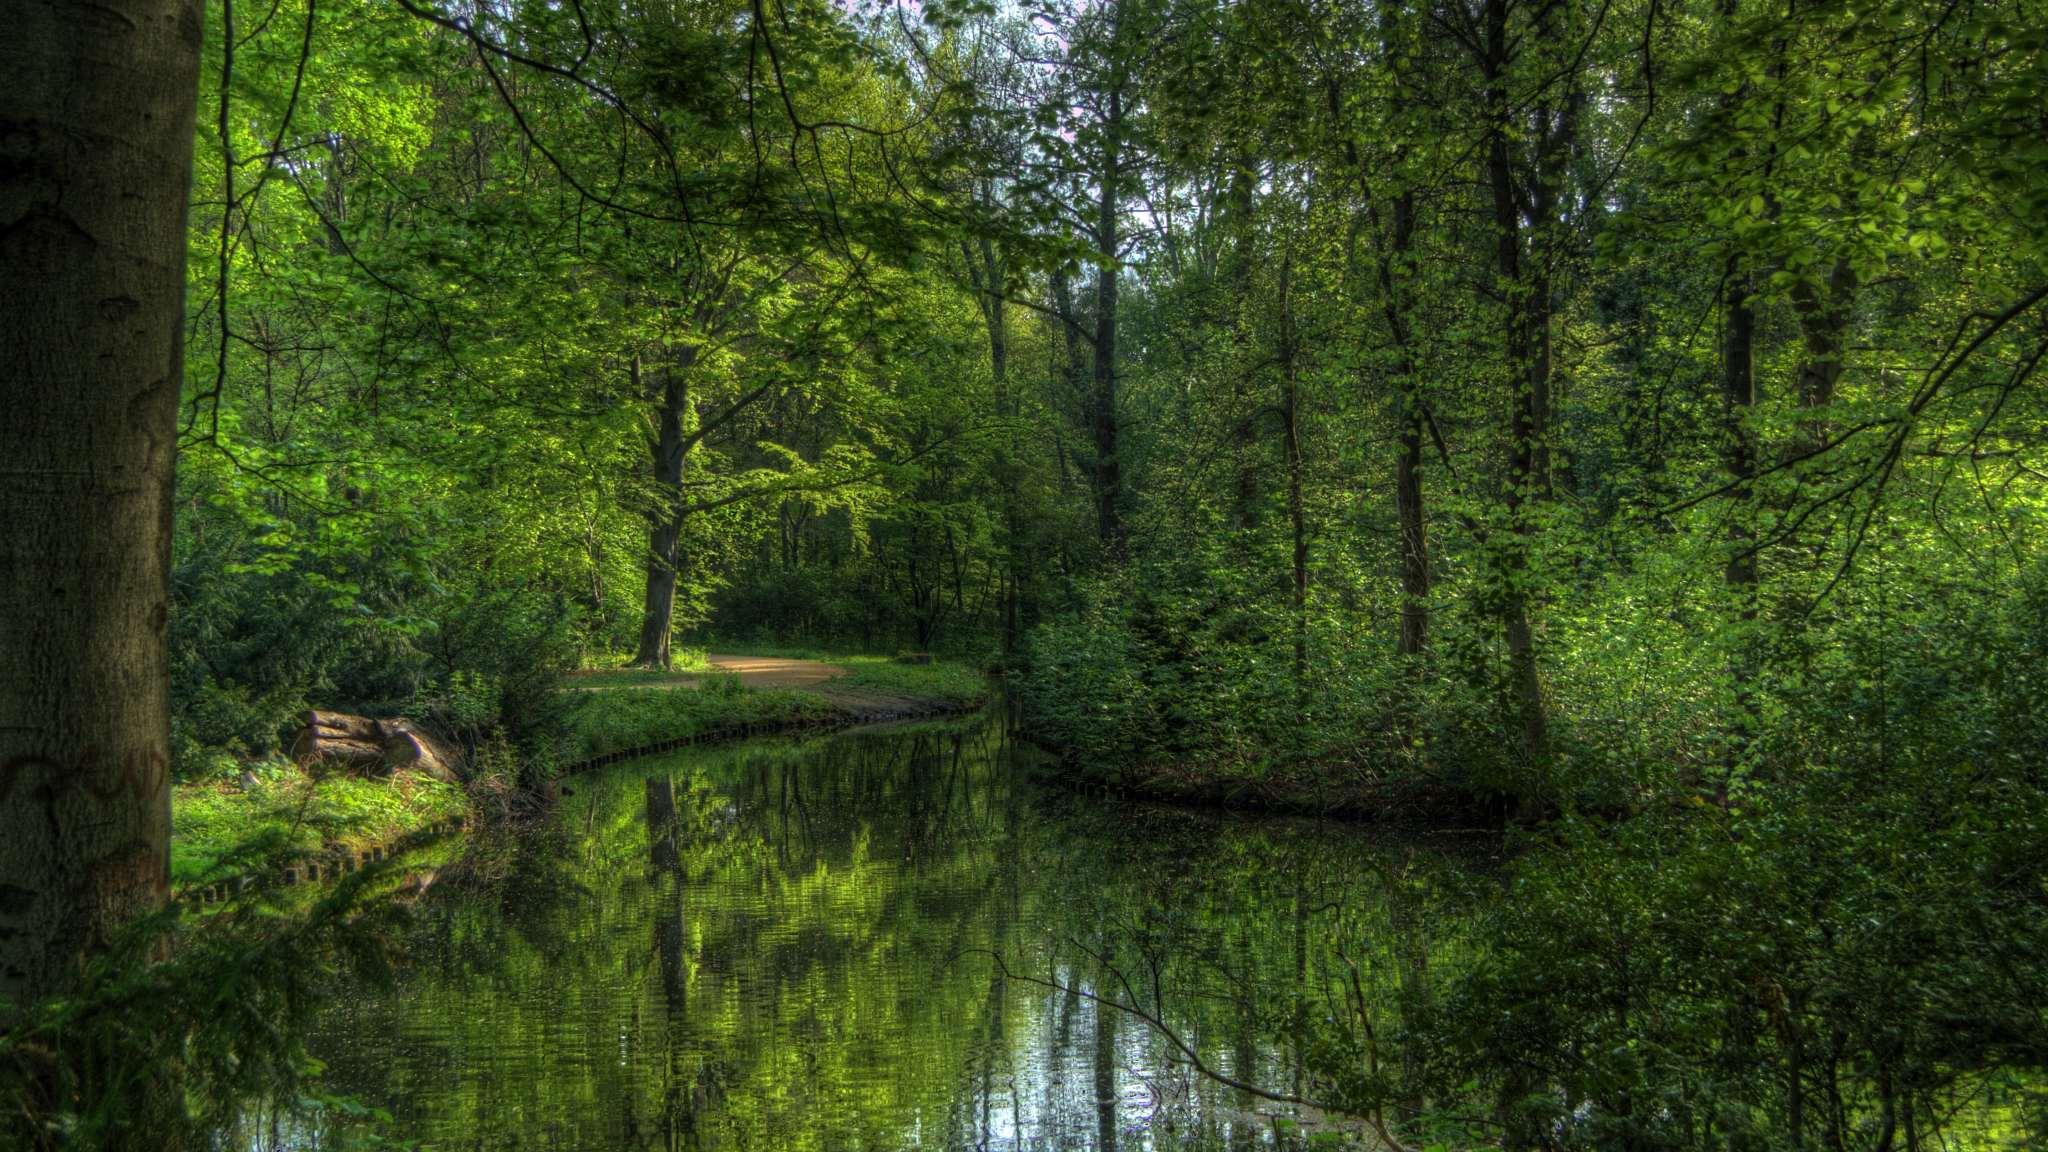 Tiergarten in Spring